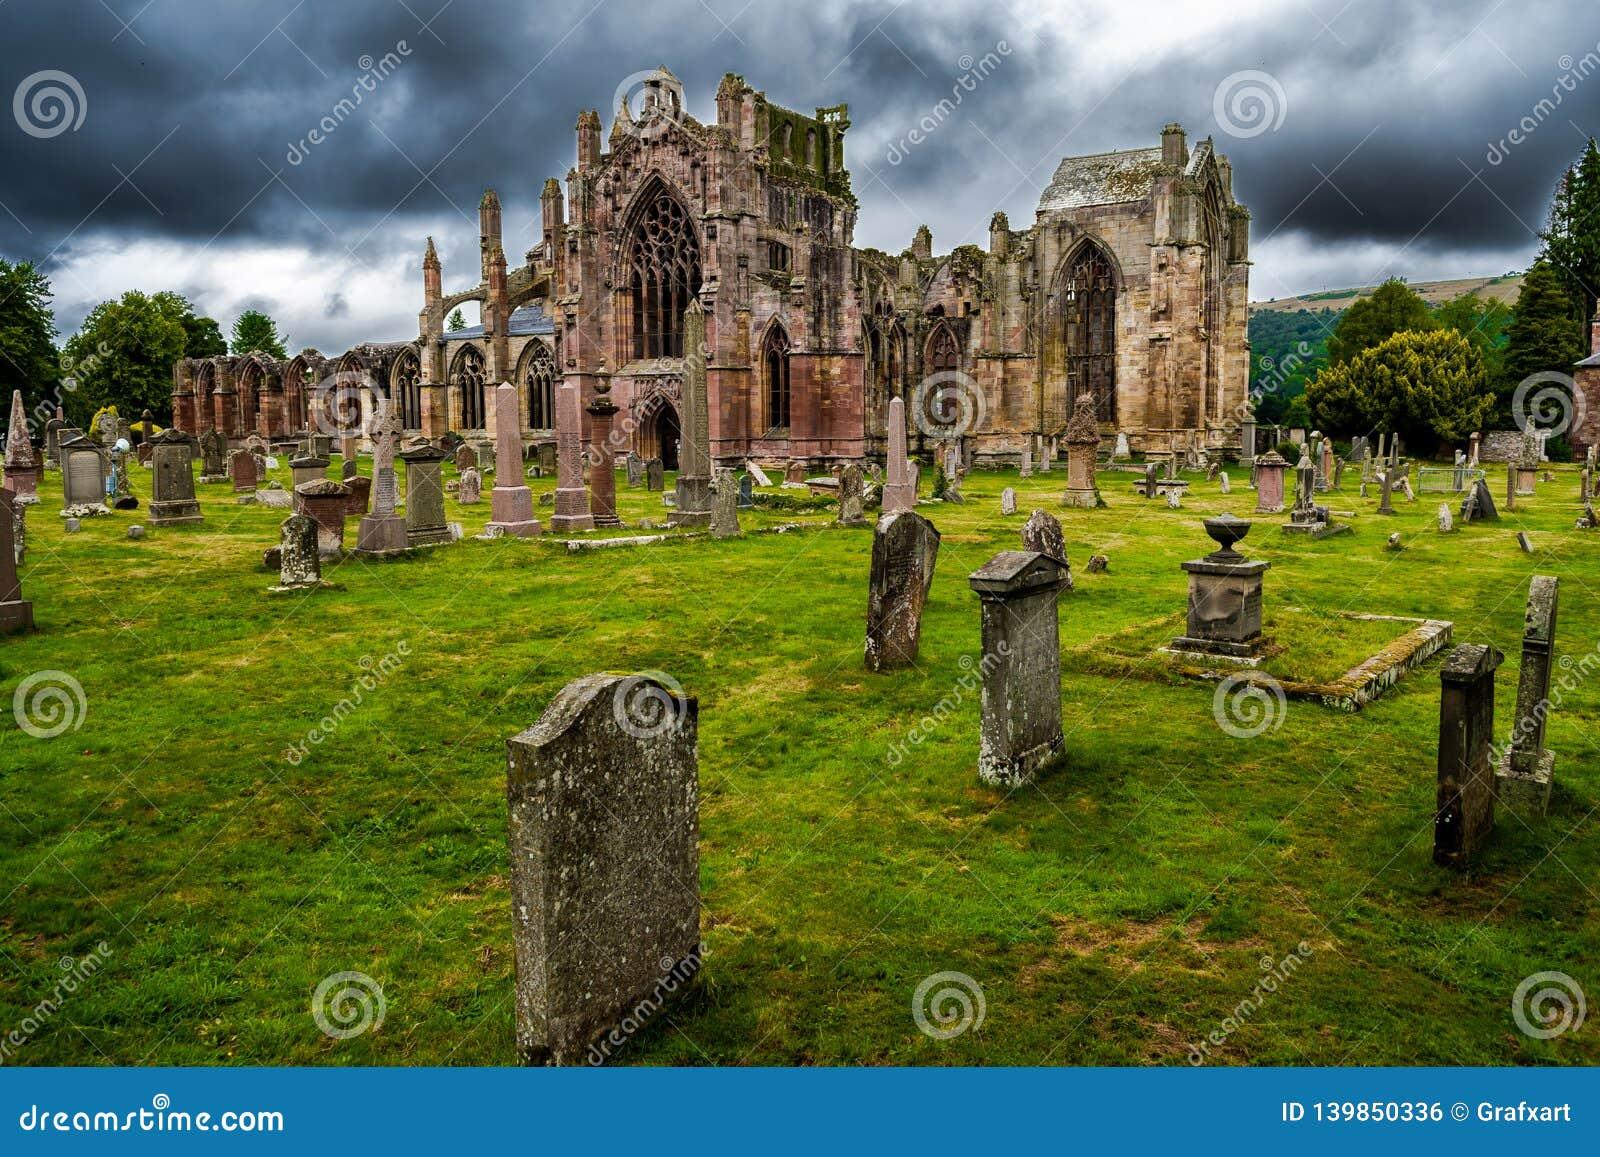 Погост и руины аббатства Мелроуза в Шотландии